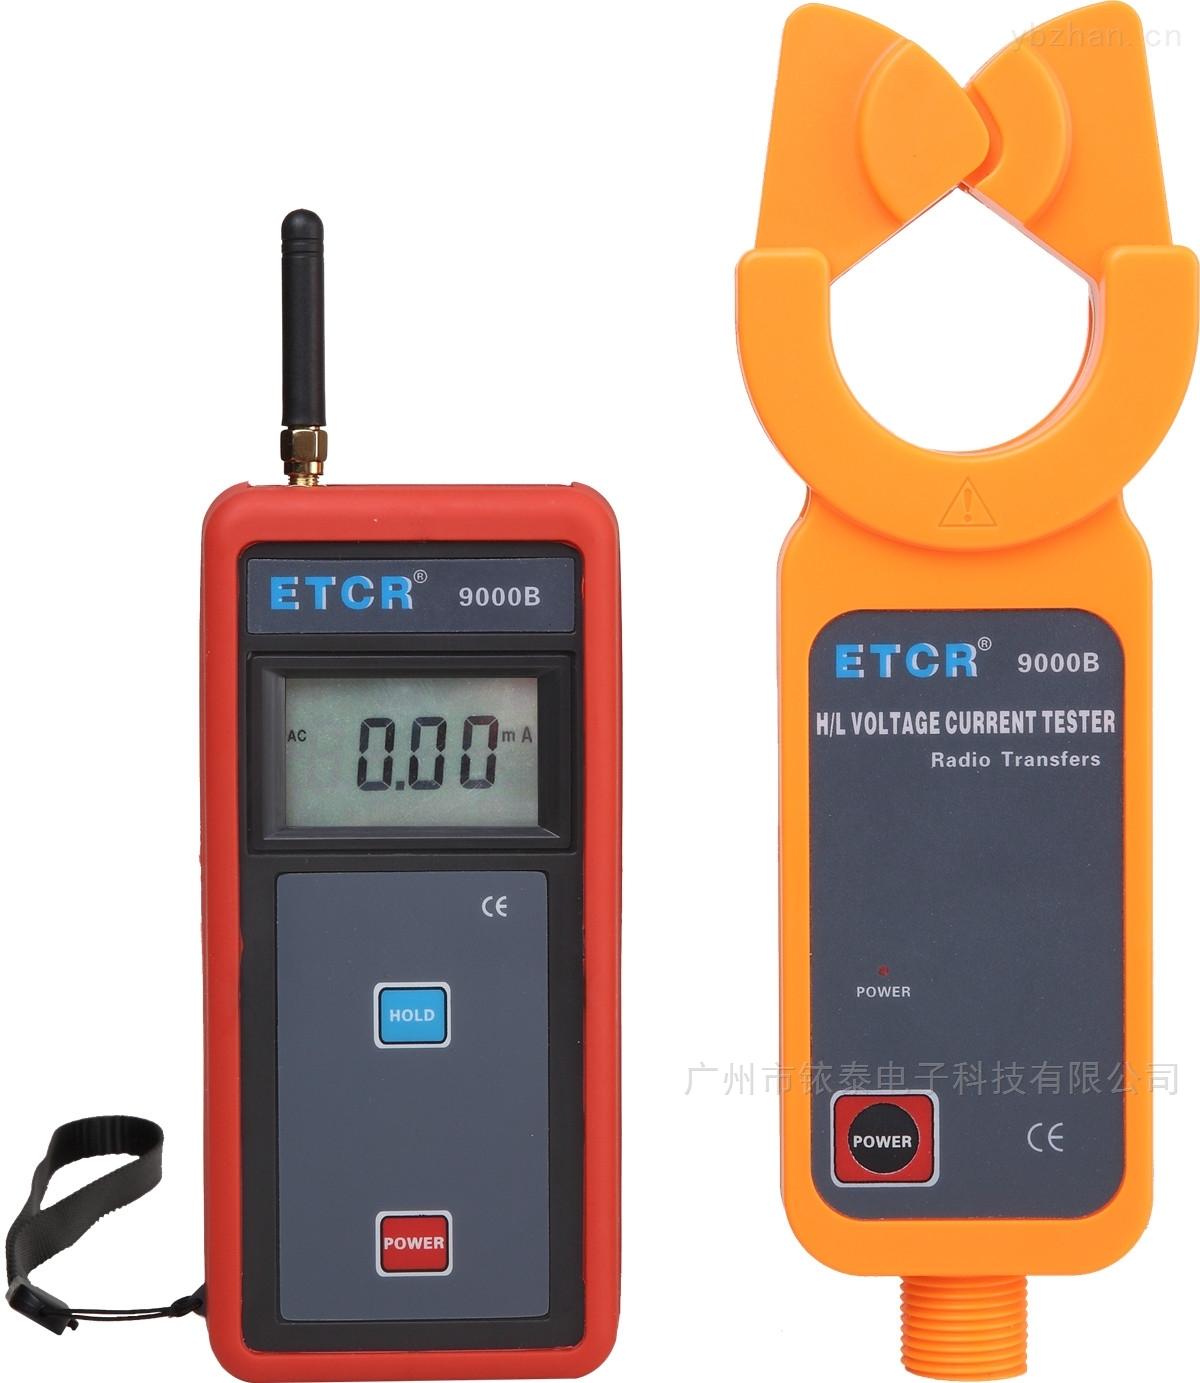 广州铱泰高低压钳形电流表在线交流电流监测